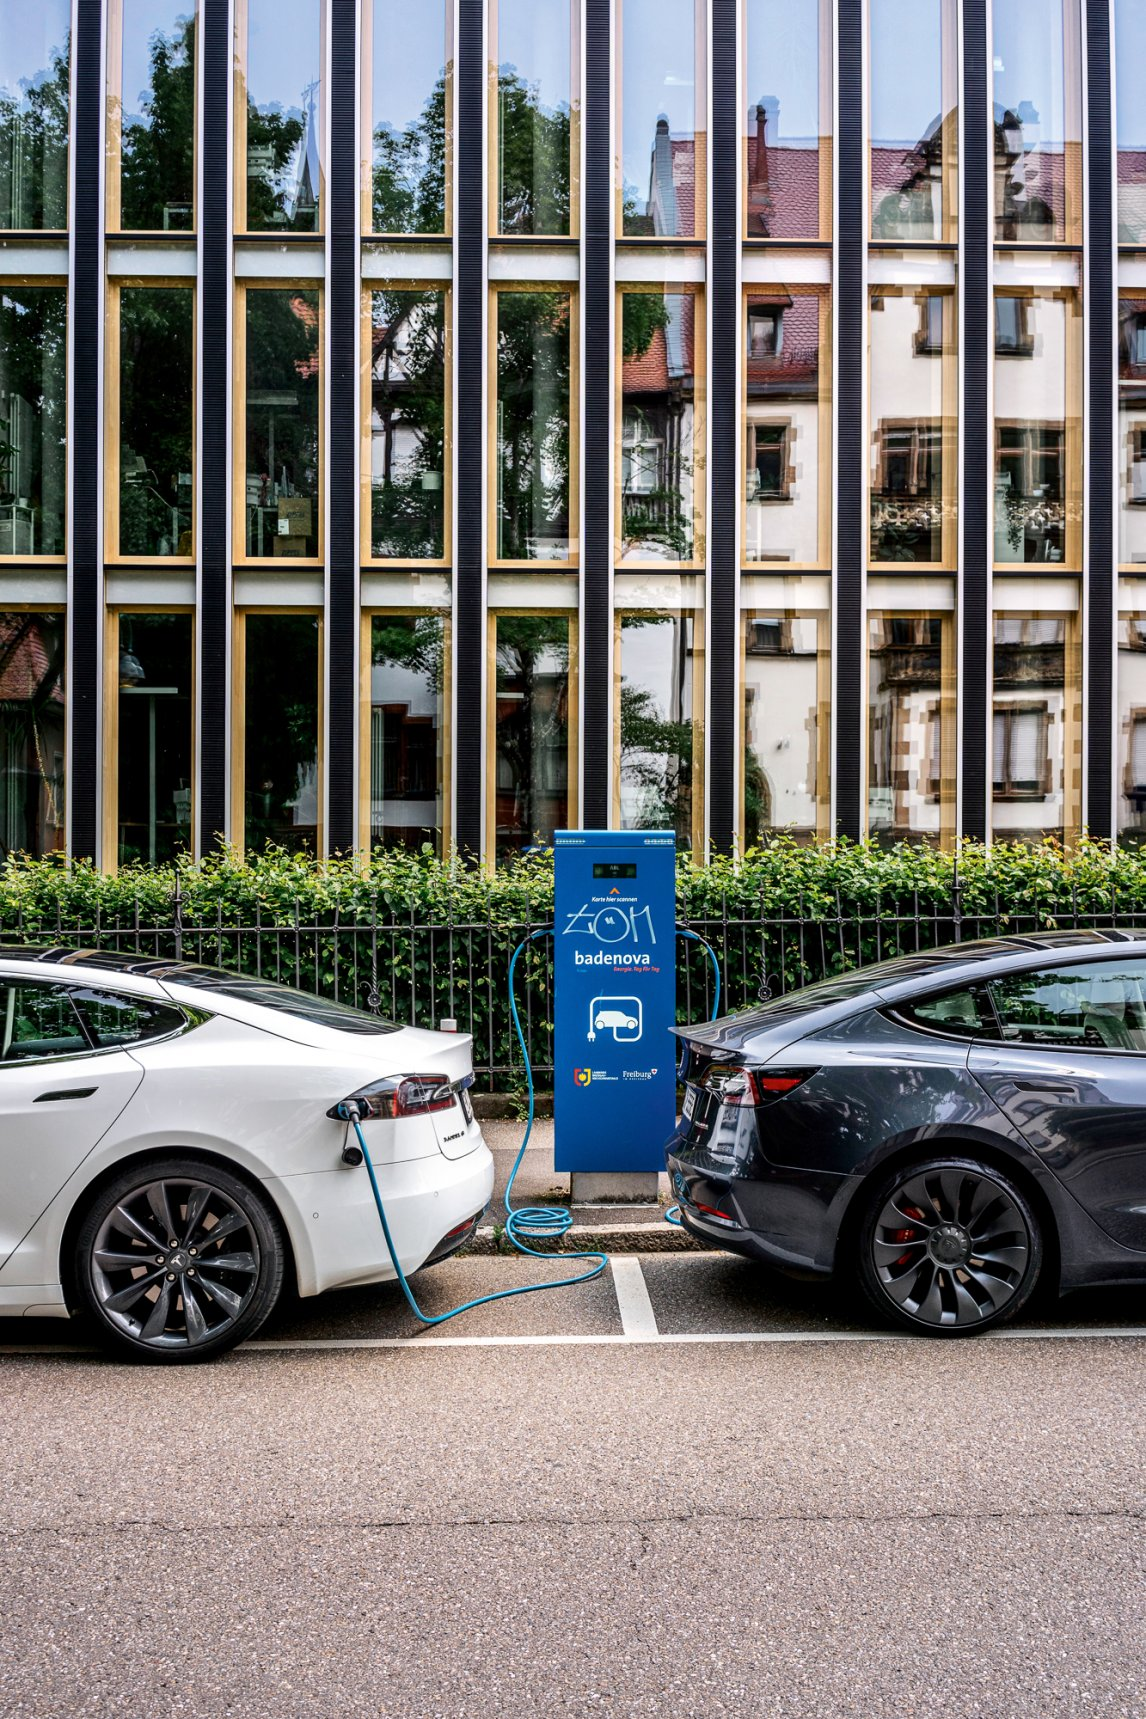 <p>DOPPELHERZ<br /> Freiburg gilt als Zentrum der E-Mobilität. Der Ausbau der Ladesäulen wird von der Stadt großzügig unterstützt</p>